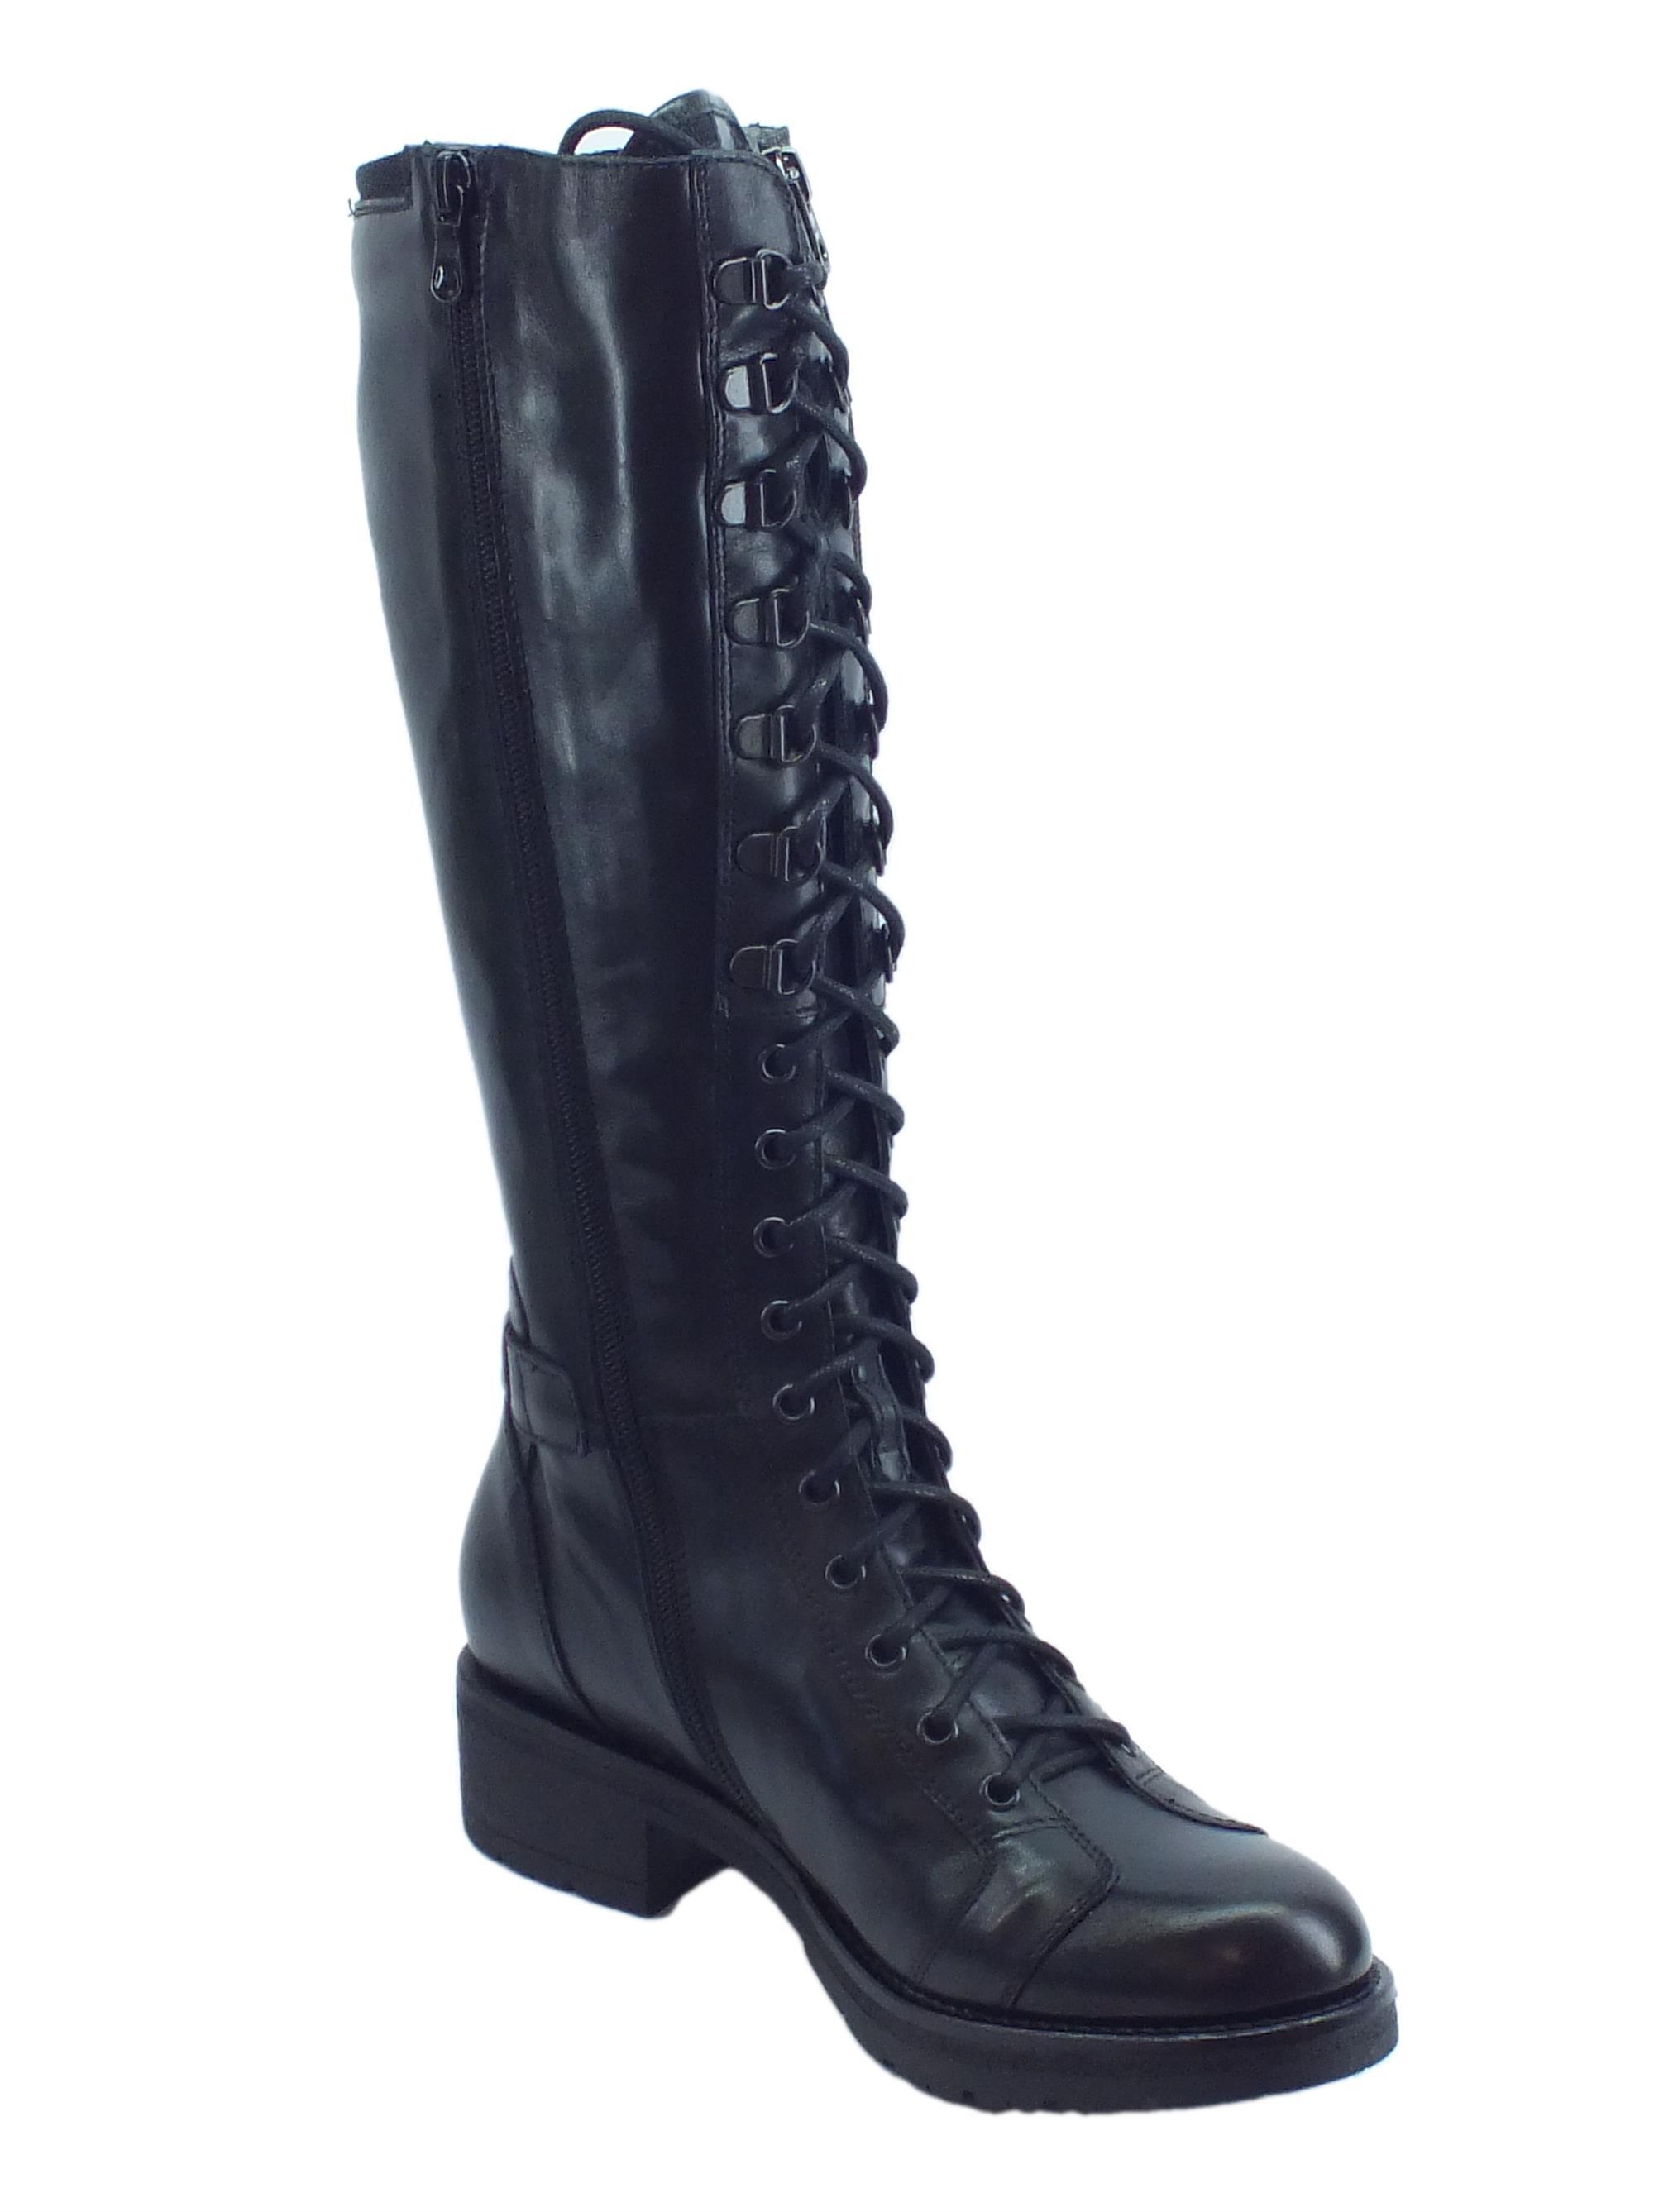 ... Stivali NeroGiardini per donna modello Dallas in pelle nera con lacci e  lampo ... 49c141bd543